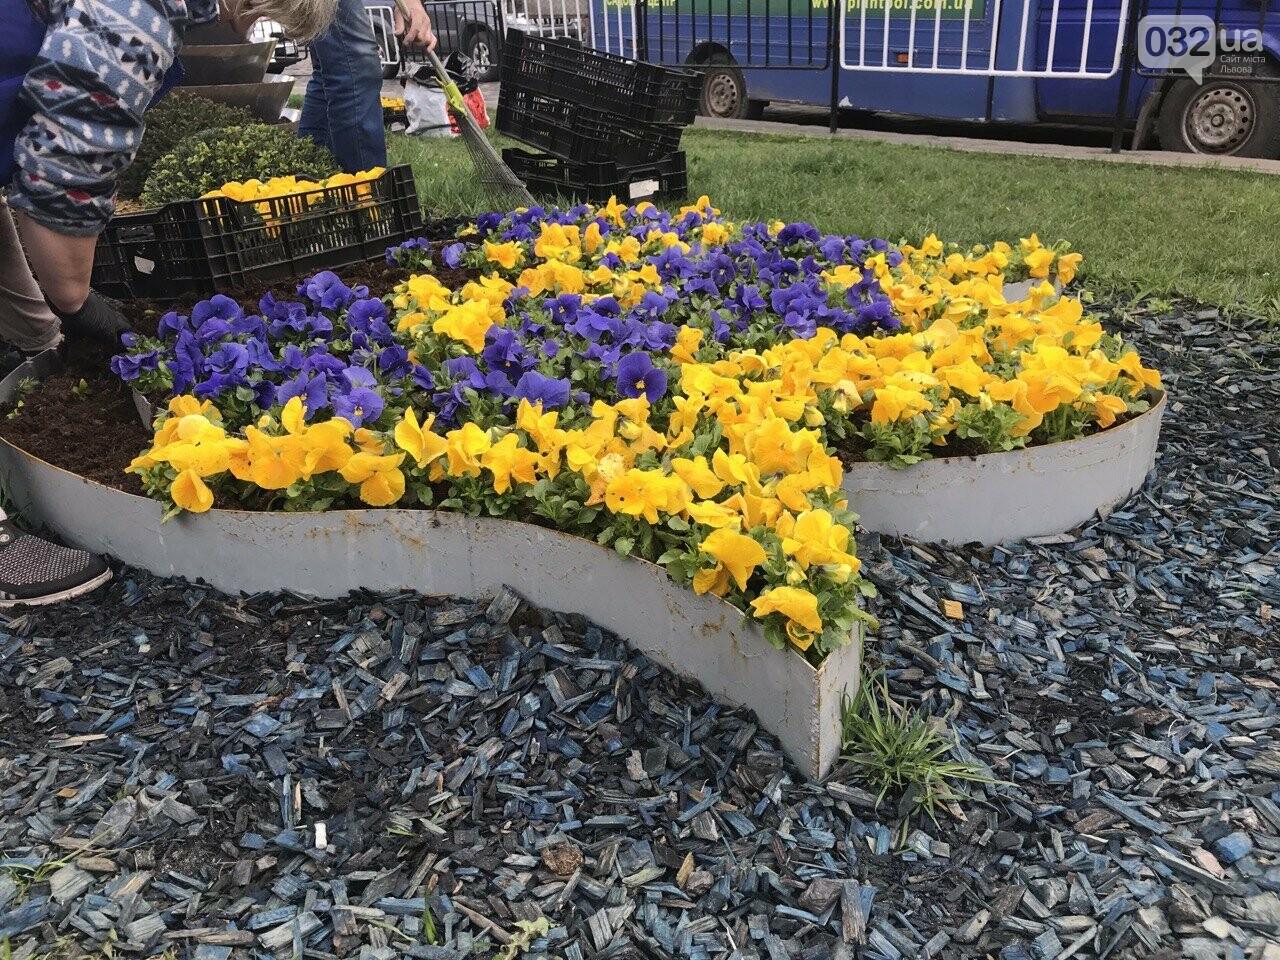 Клумби біля квітвокого годинника, Фото: 032.ua